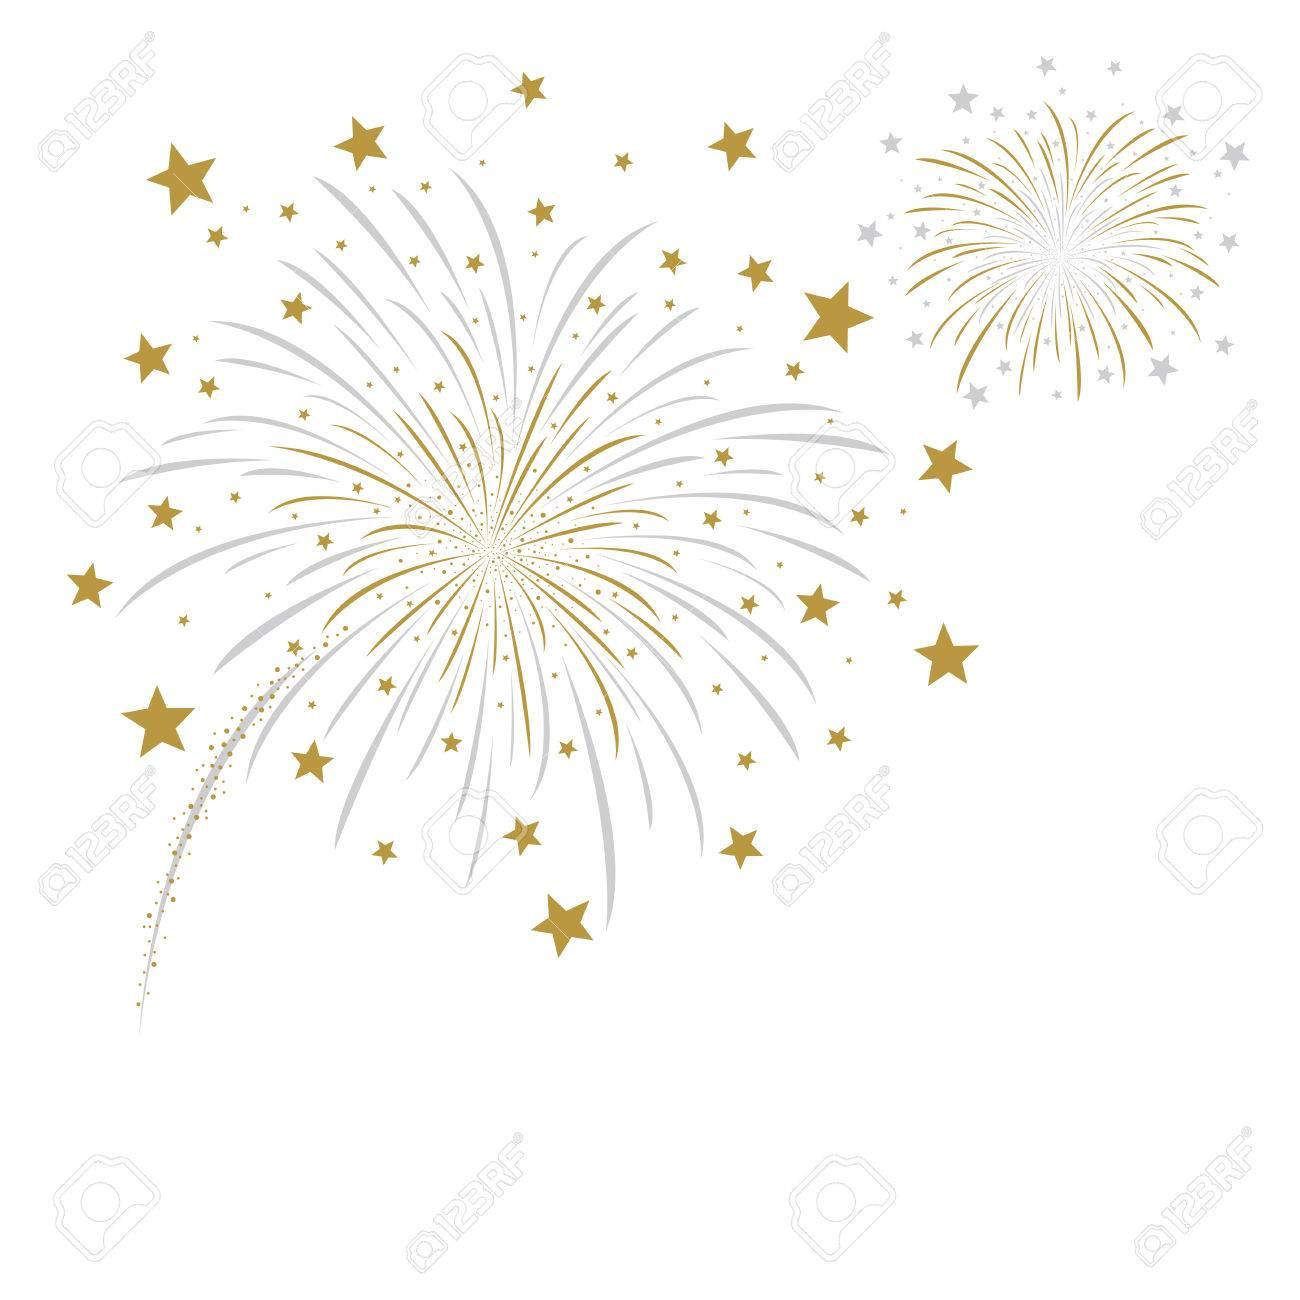 Vector firework design on white background - 44172147